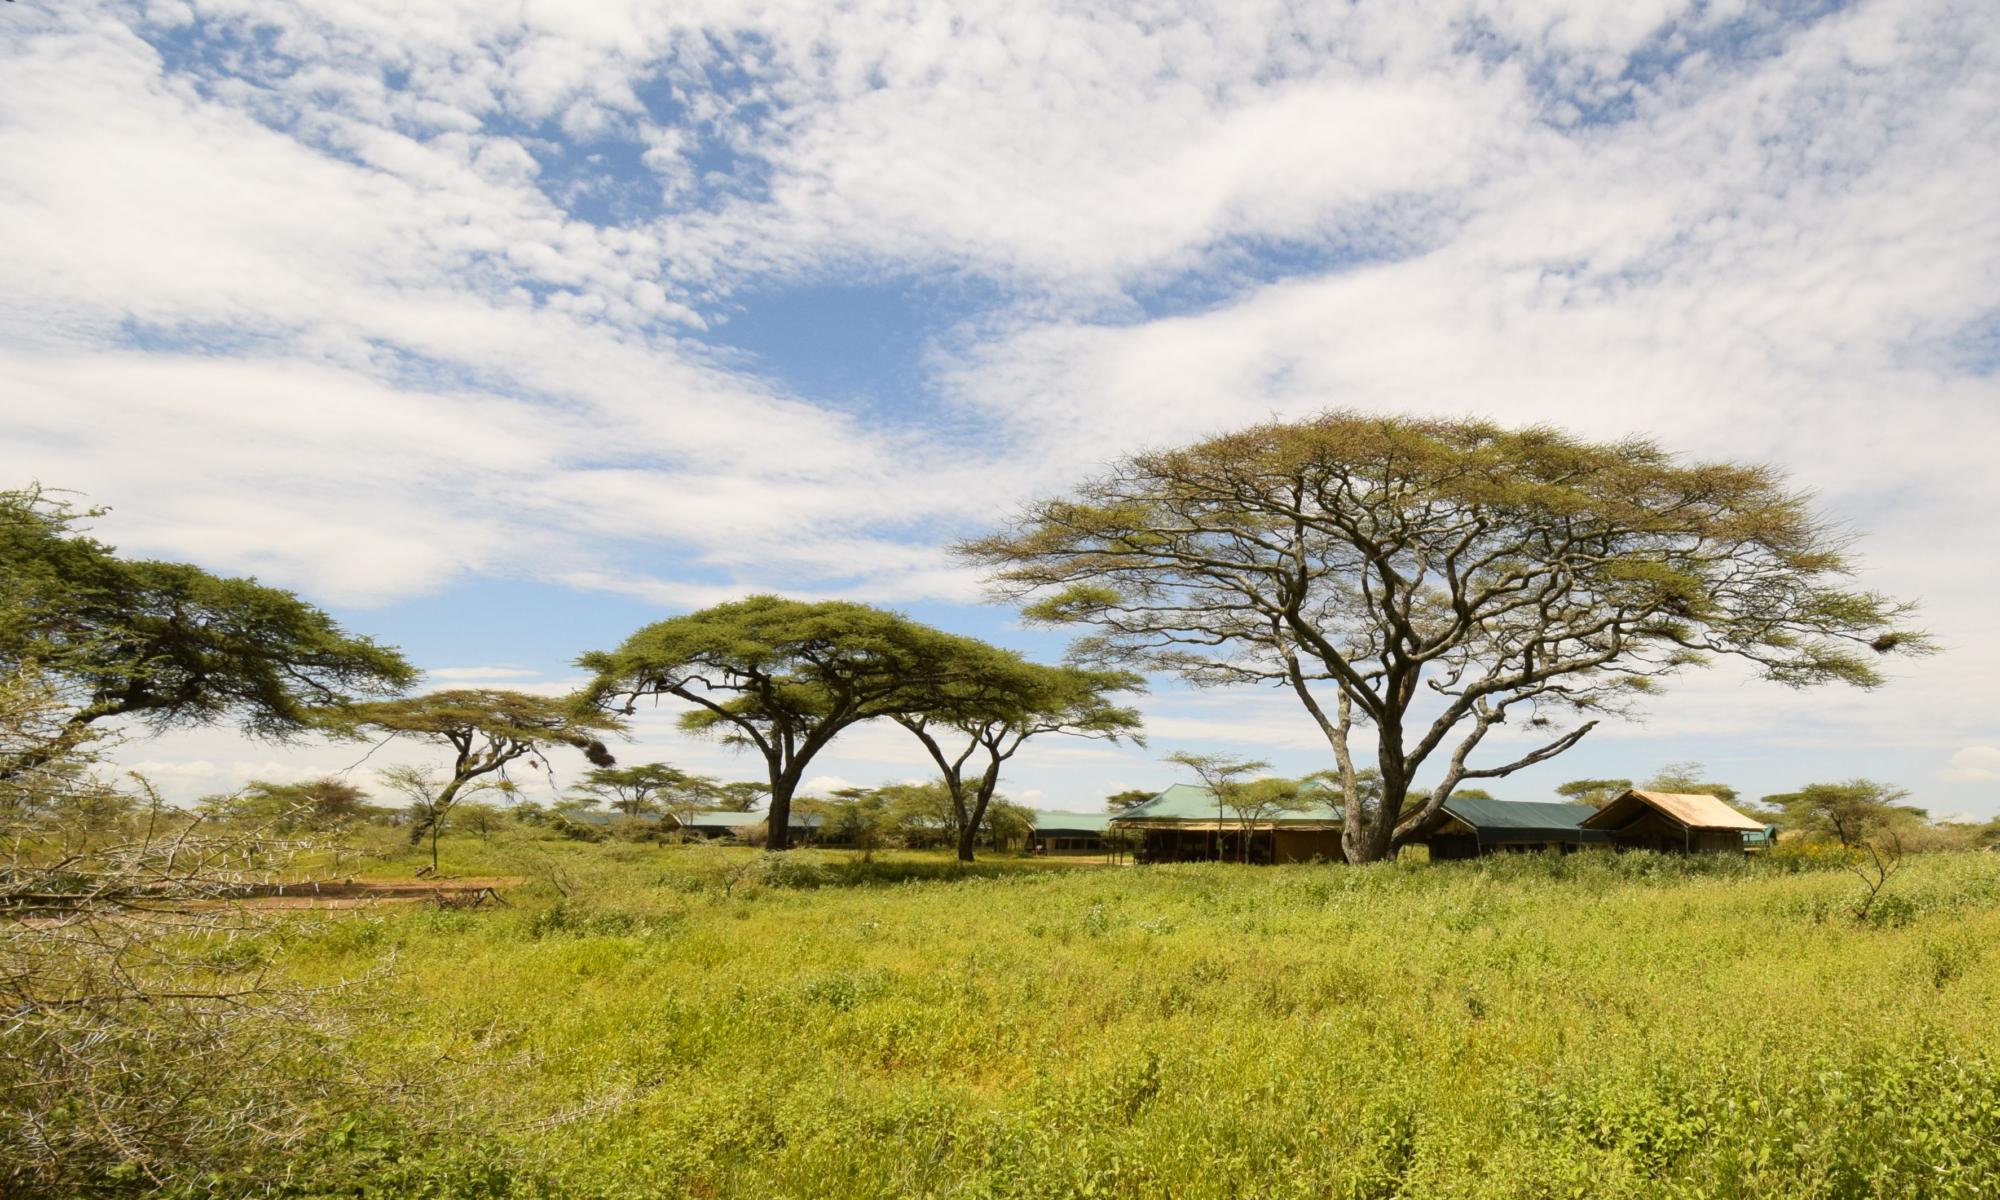 Tented camp Serengeti